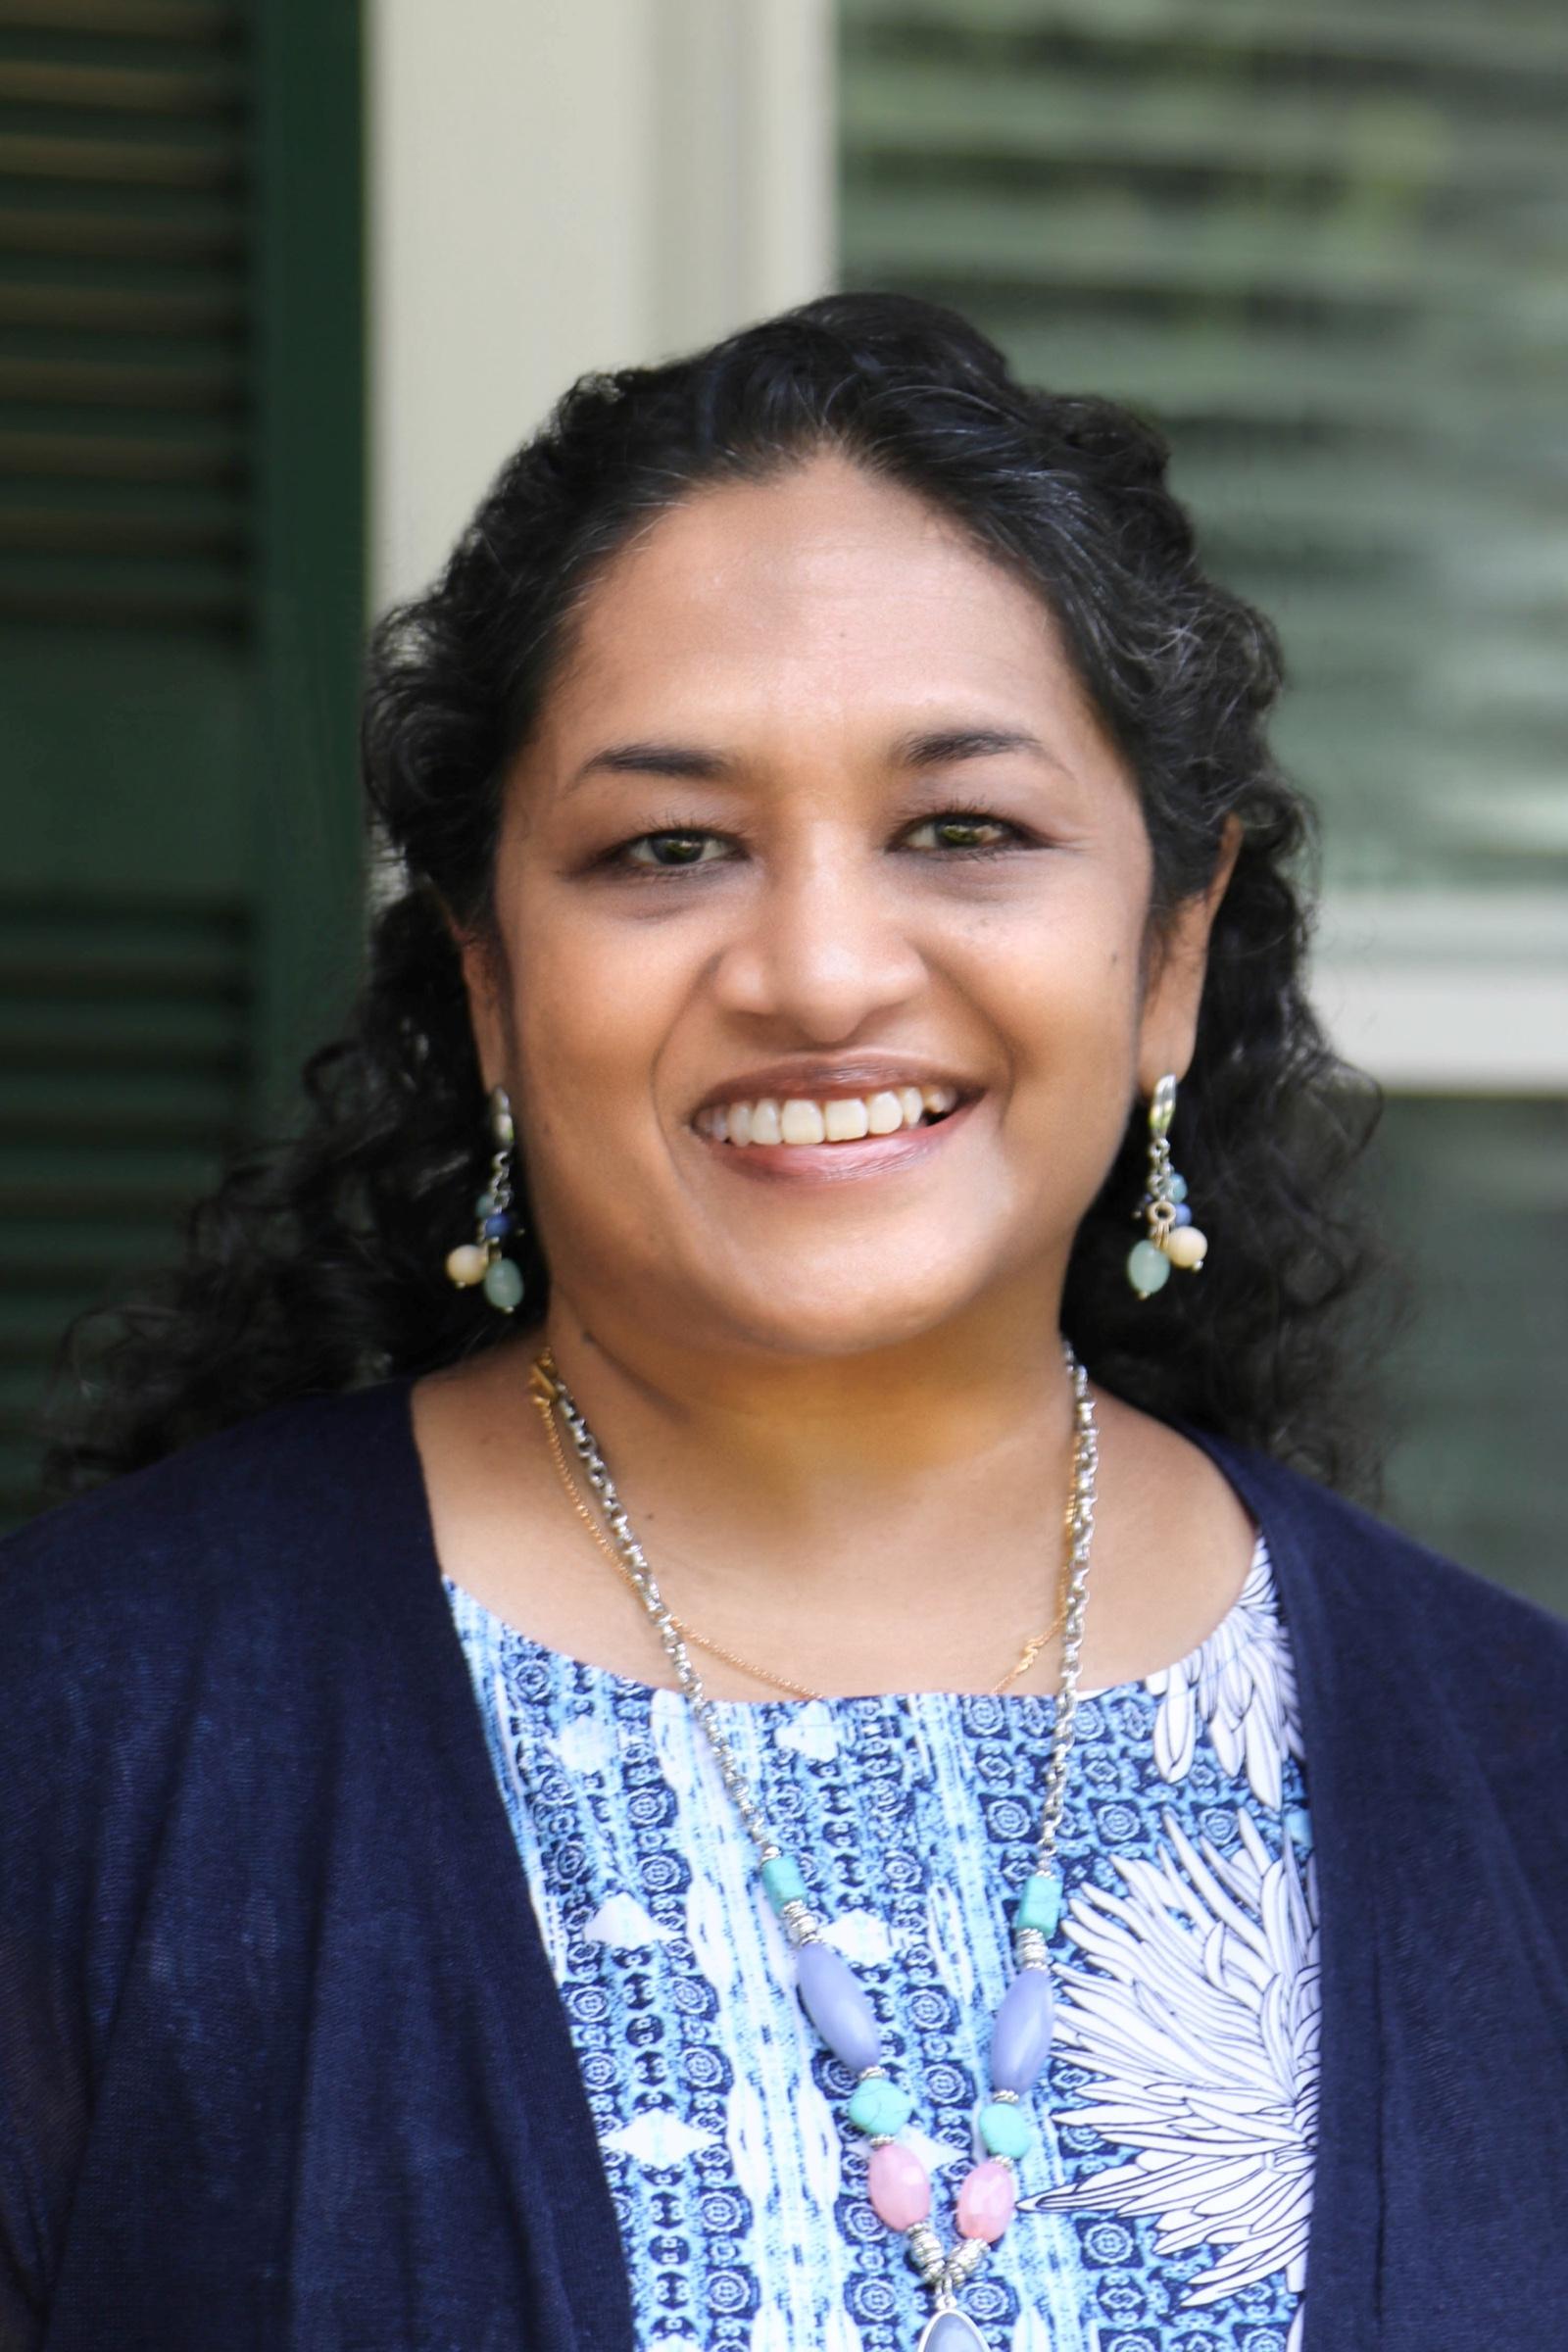 Chandrika Mahendraraj